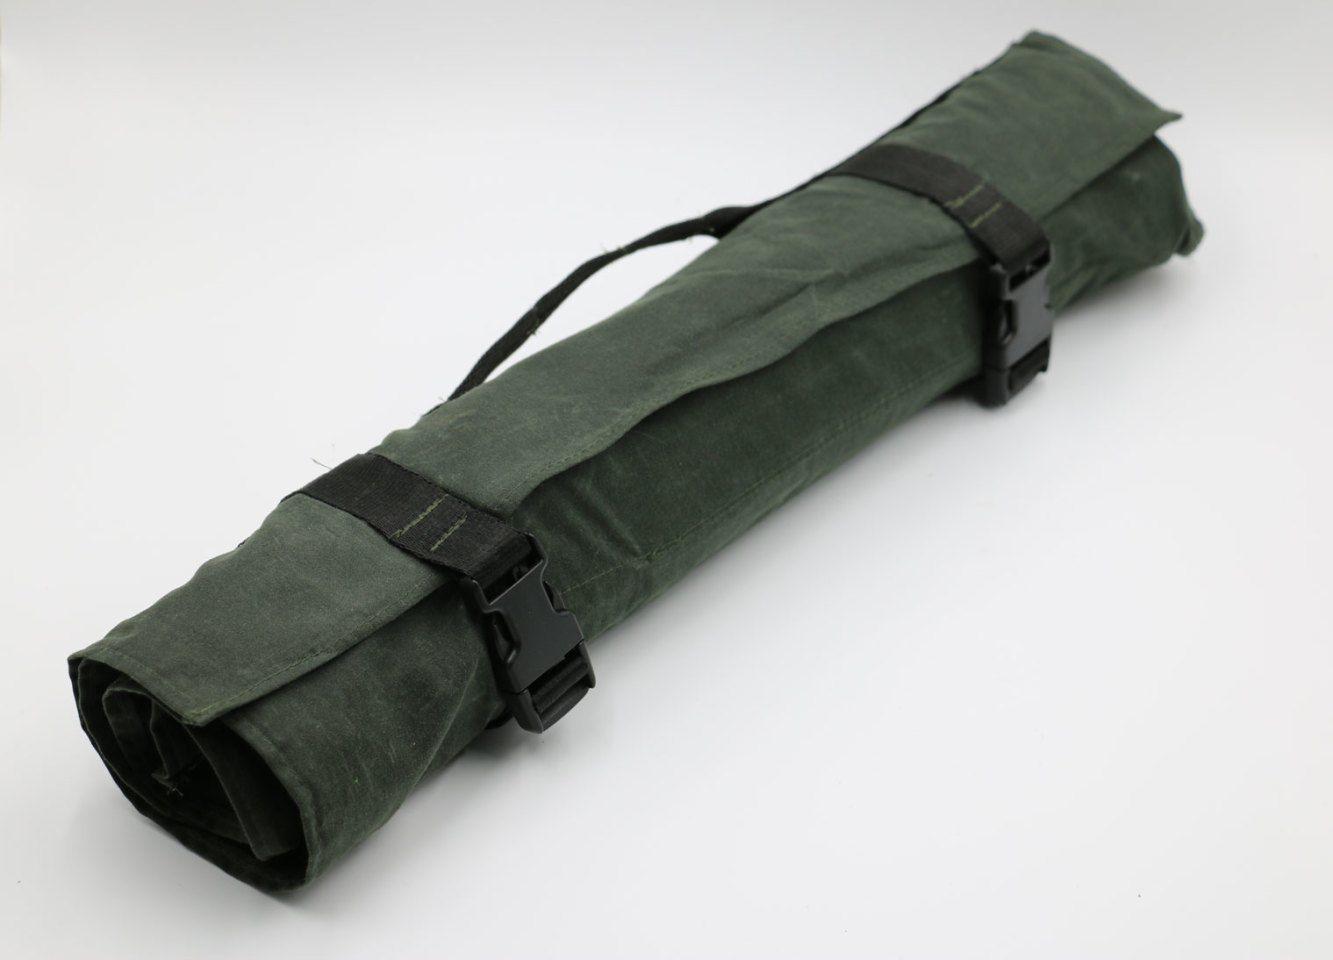 Включената ролка опакова всичко в лесна форма за носене/съхранение